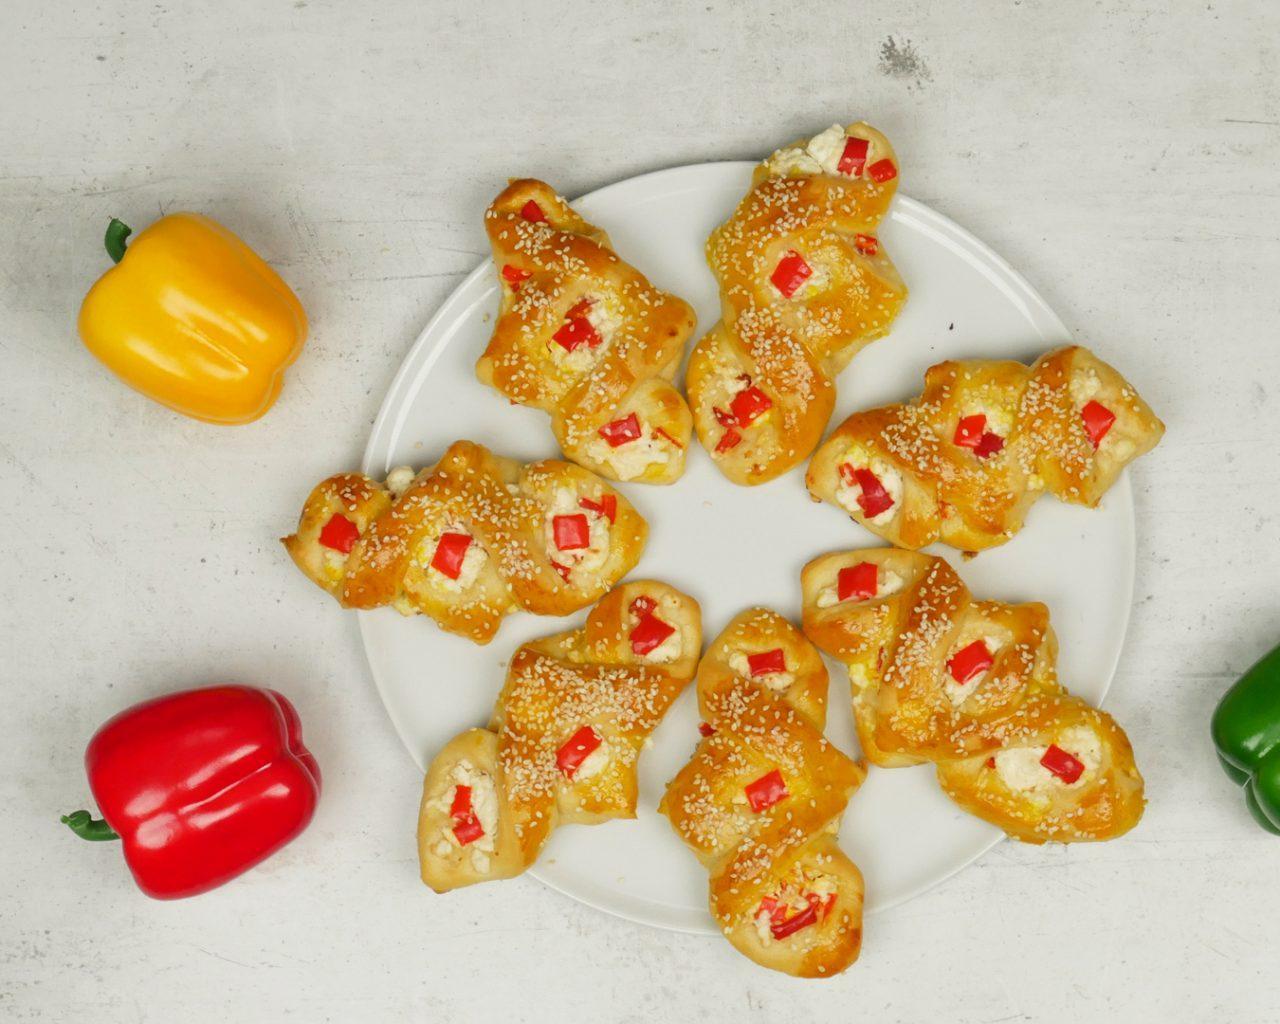 Τα πιο ξεχωριστά τυροπιτάκια ιδανικά για παιδικό πάρτι!